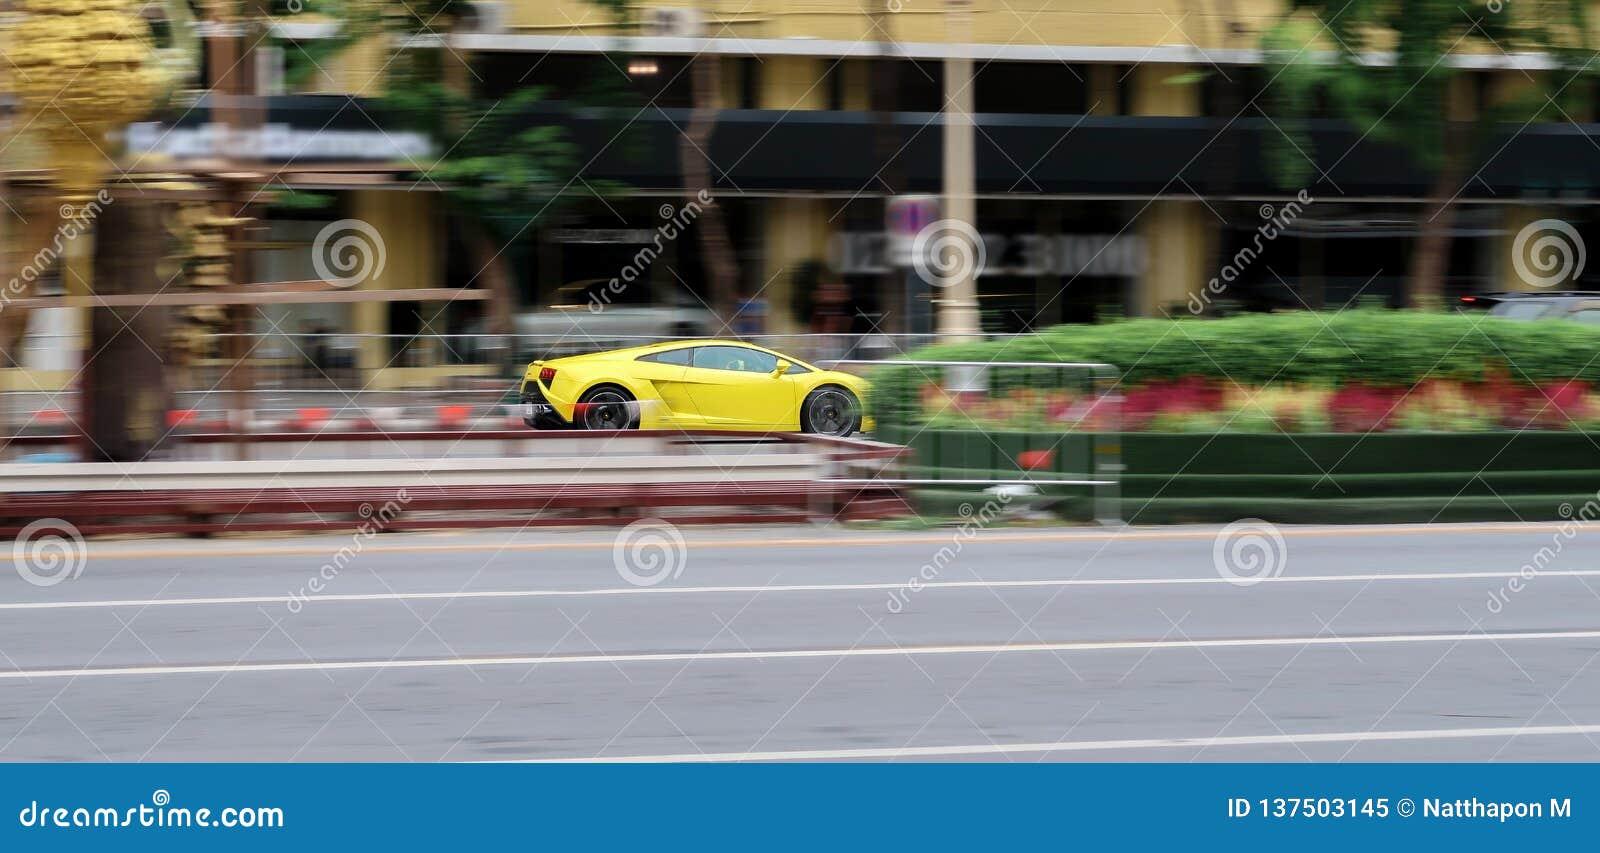 Gelbes Lamborghini Gallardo, das sehr schnelles auf der Straße fährt Springen, um einen Frisbee, unscharfen Hintergrund abzufange